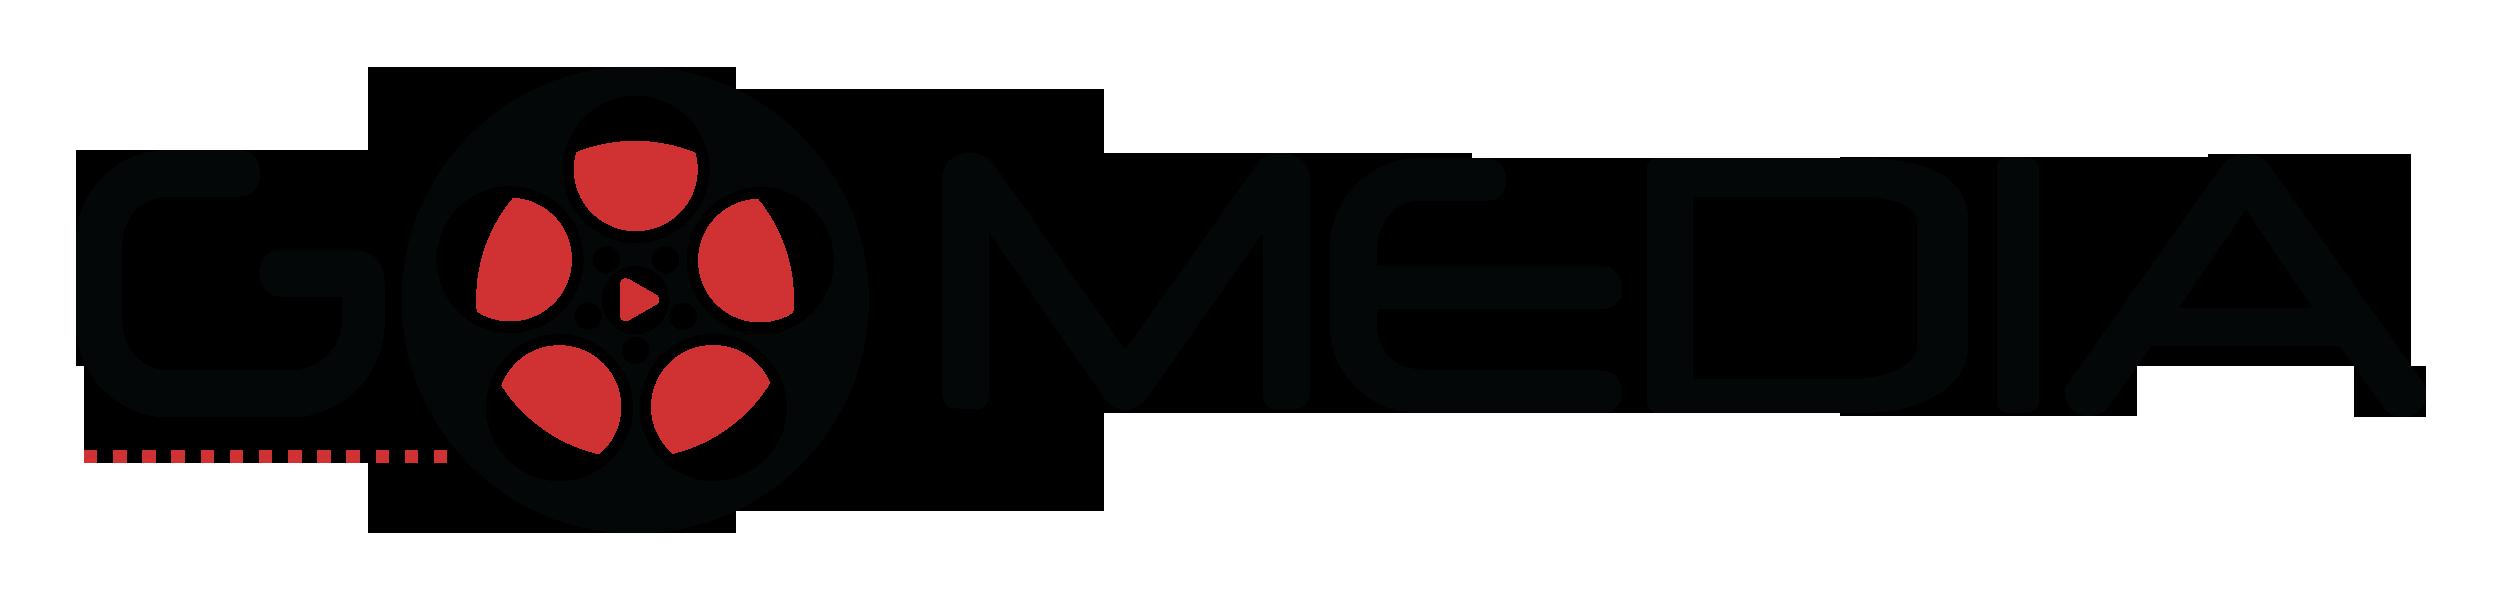 go media logo footer